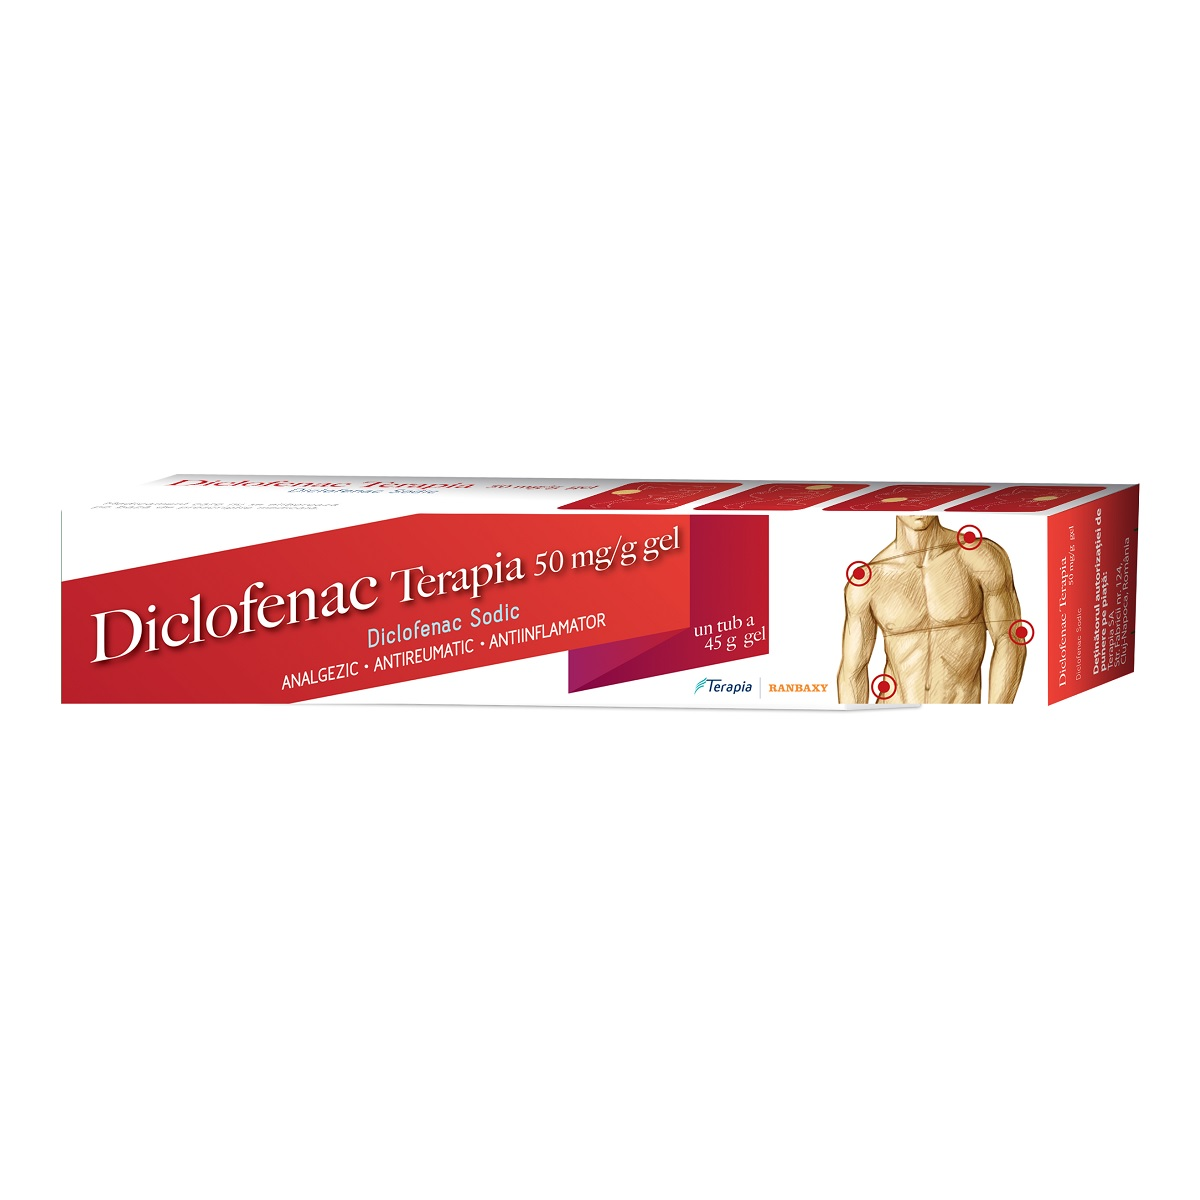 diclofenac pentru tratamentul artrozei)